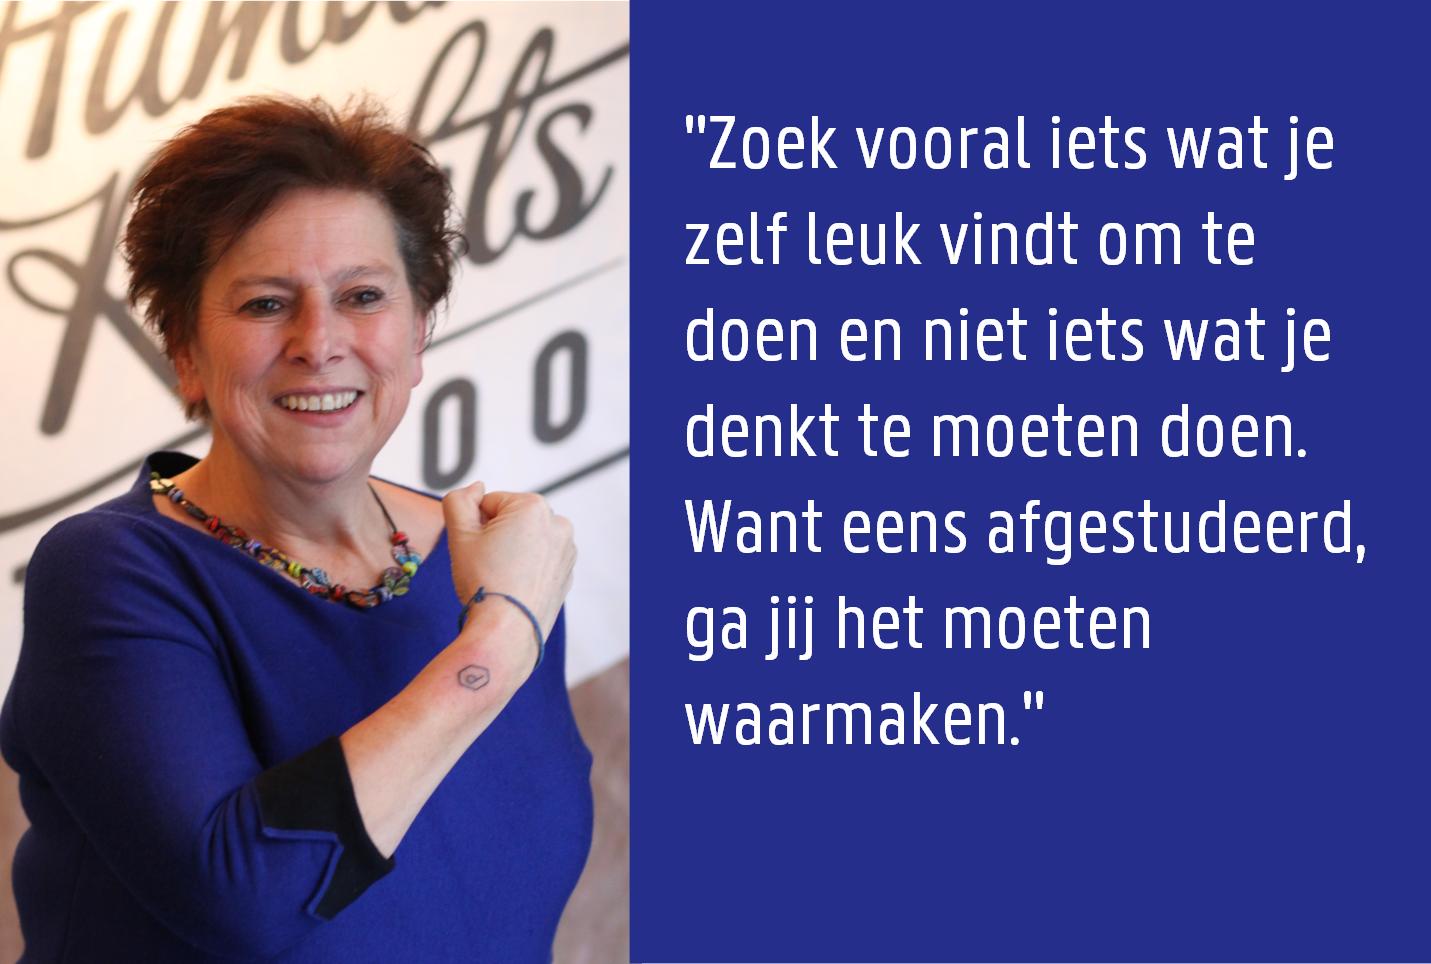 Ankie Vandekerckhove - Projectmedewerker bij Vernieuwing in de Basisvoorzieningen voor Jonge Kinderen (VBJK)